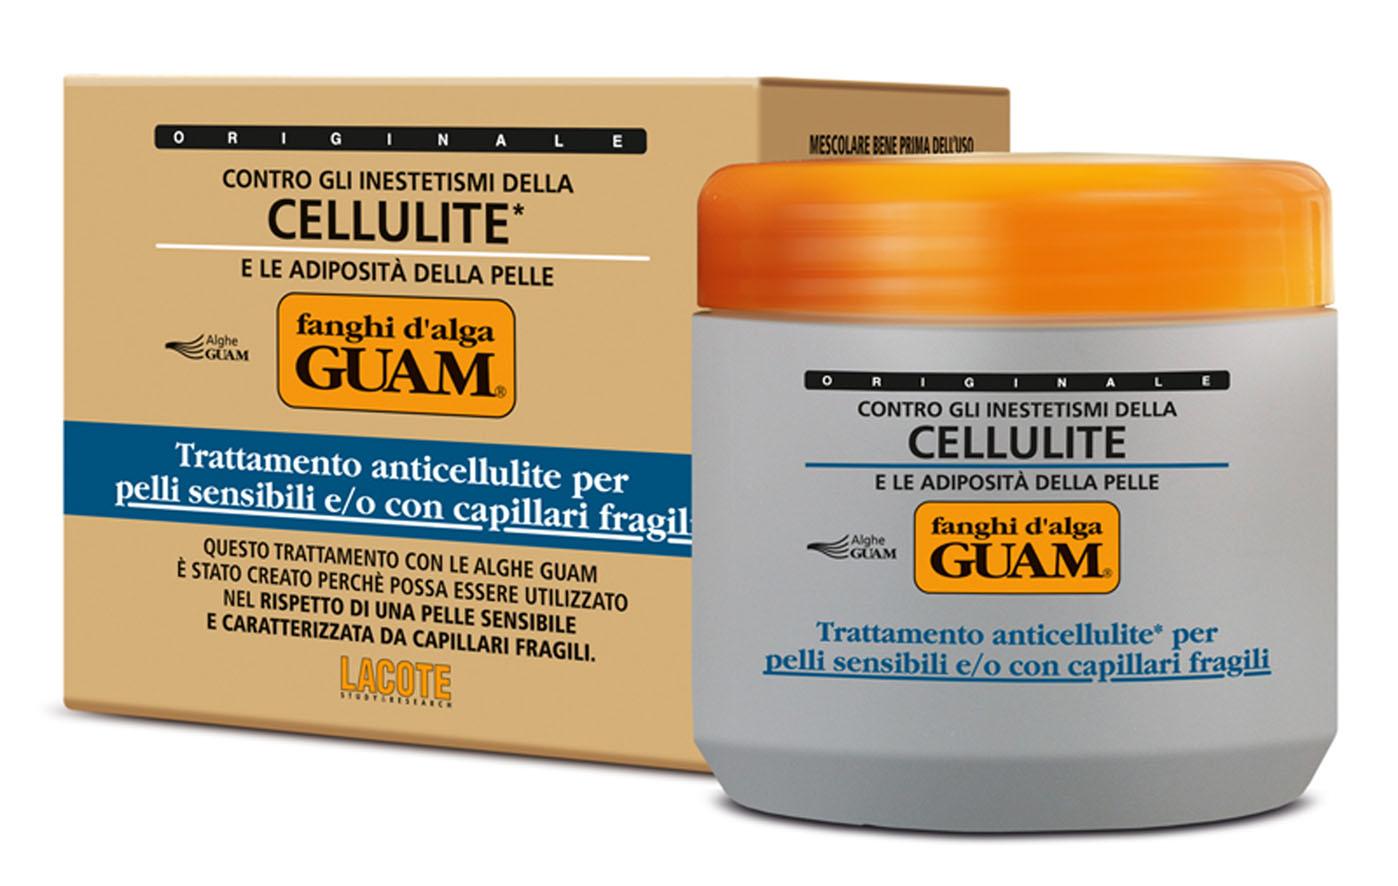 Guam Маска антицеллюлитная Fanchi Dalga для тела, для чувствительной кожи с хрупкими капиллярами, 500 мл1025Содержит инновационный липолитический комплекс Glicoxantine двойного действия: уменьшает локальные жировые отложения и устраняет целлюлит. Благодаря активным компонентам обладает антиоксидантным действием, усиливает микроциркуляцию, способствует выводу межклеточной жидкости, подтягивает и выравнивает кожный рельеф. Укрепляет сосуды и обеспечивает длительное увлажнение кожи. Идеальное средство для чувствительной кожи при проблемах с сосудами на ногах.Товар сертифицирован.